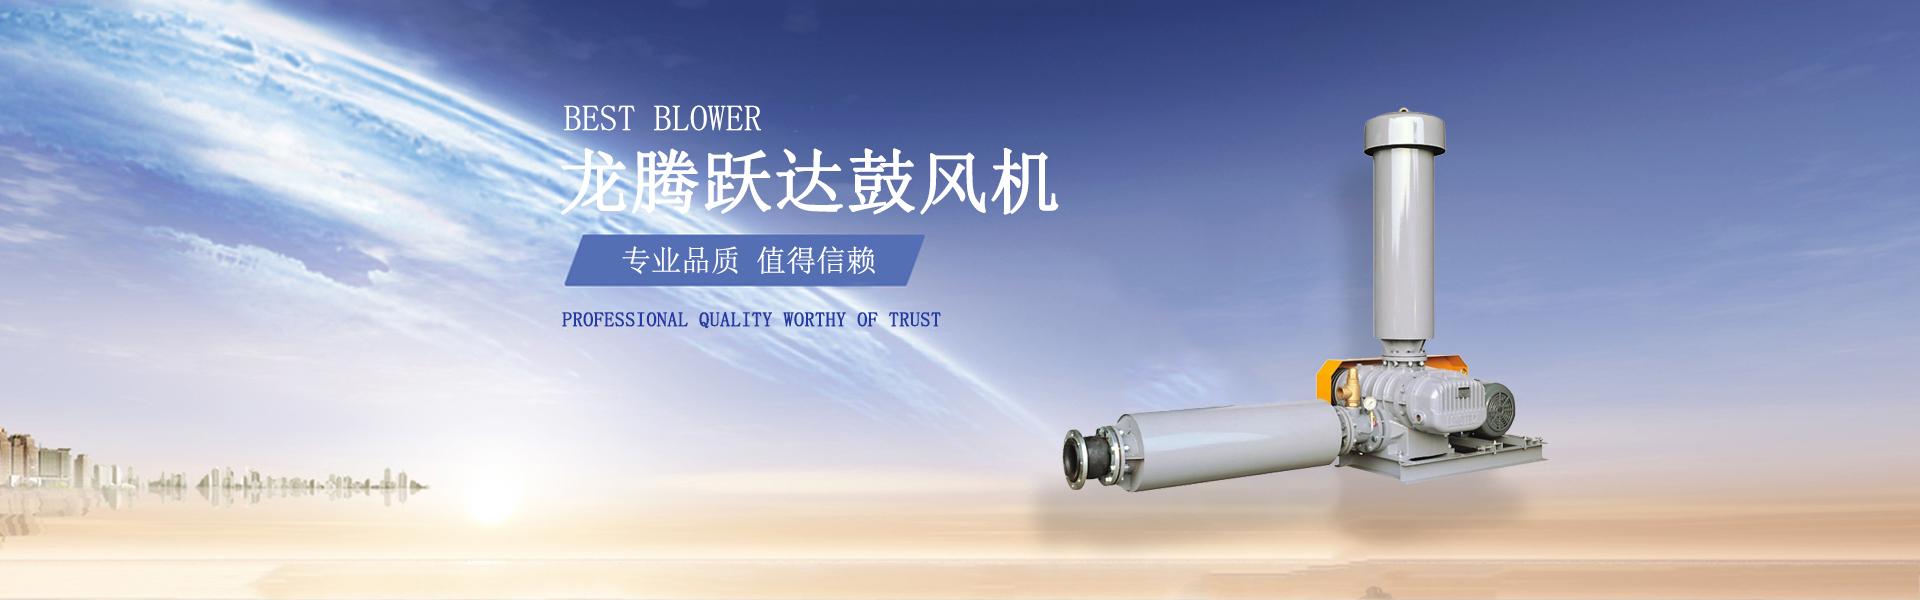 台湾龙铁罗茨风机